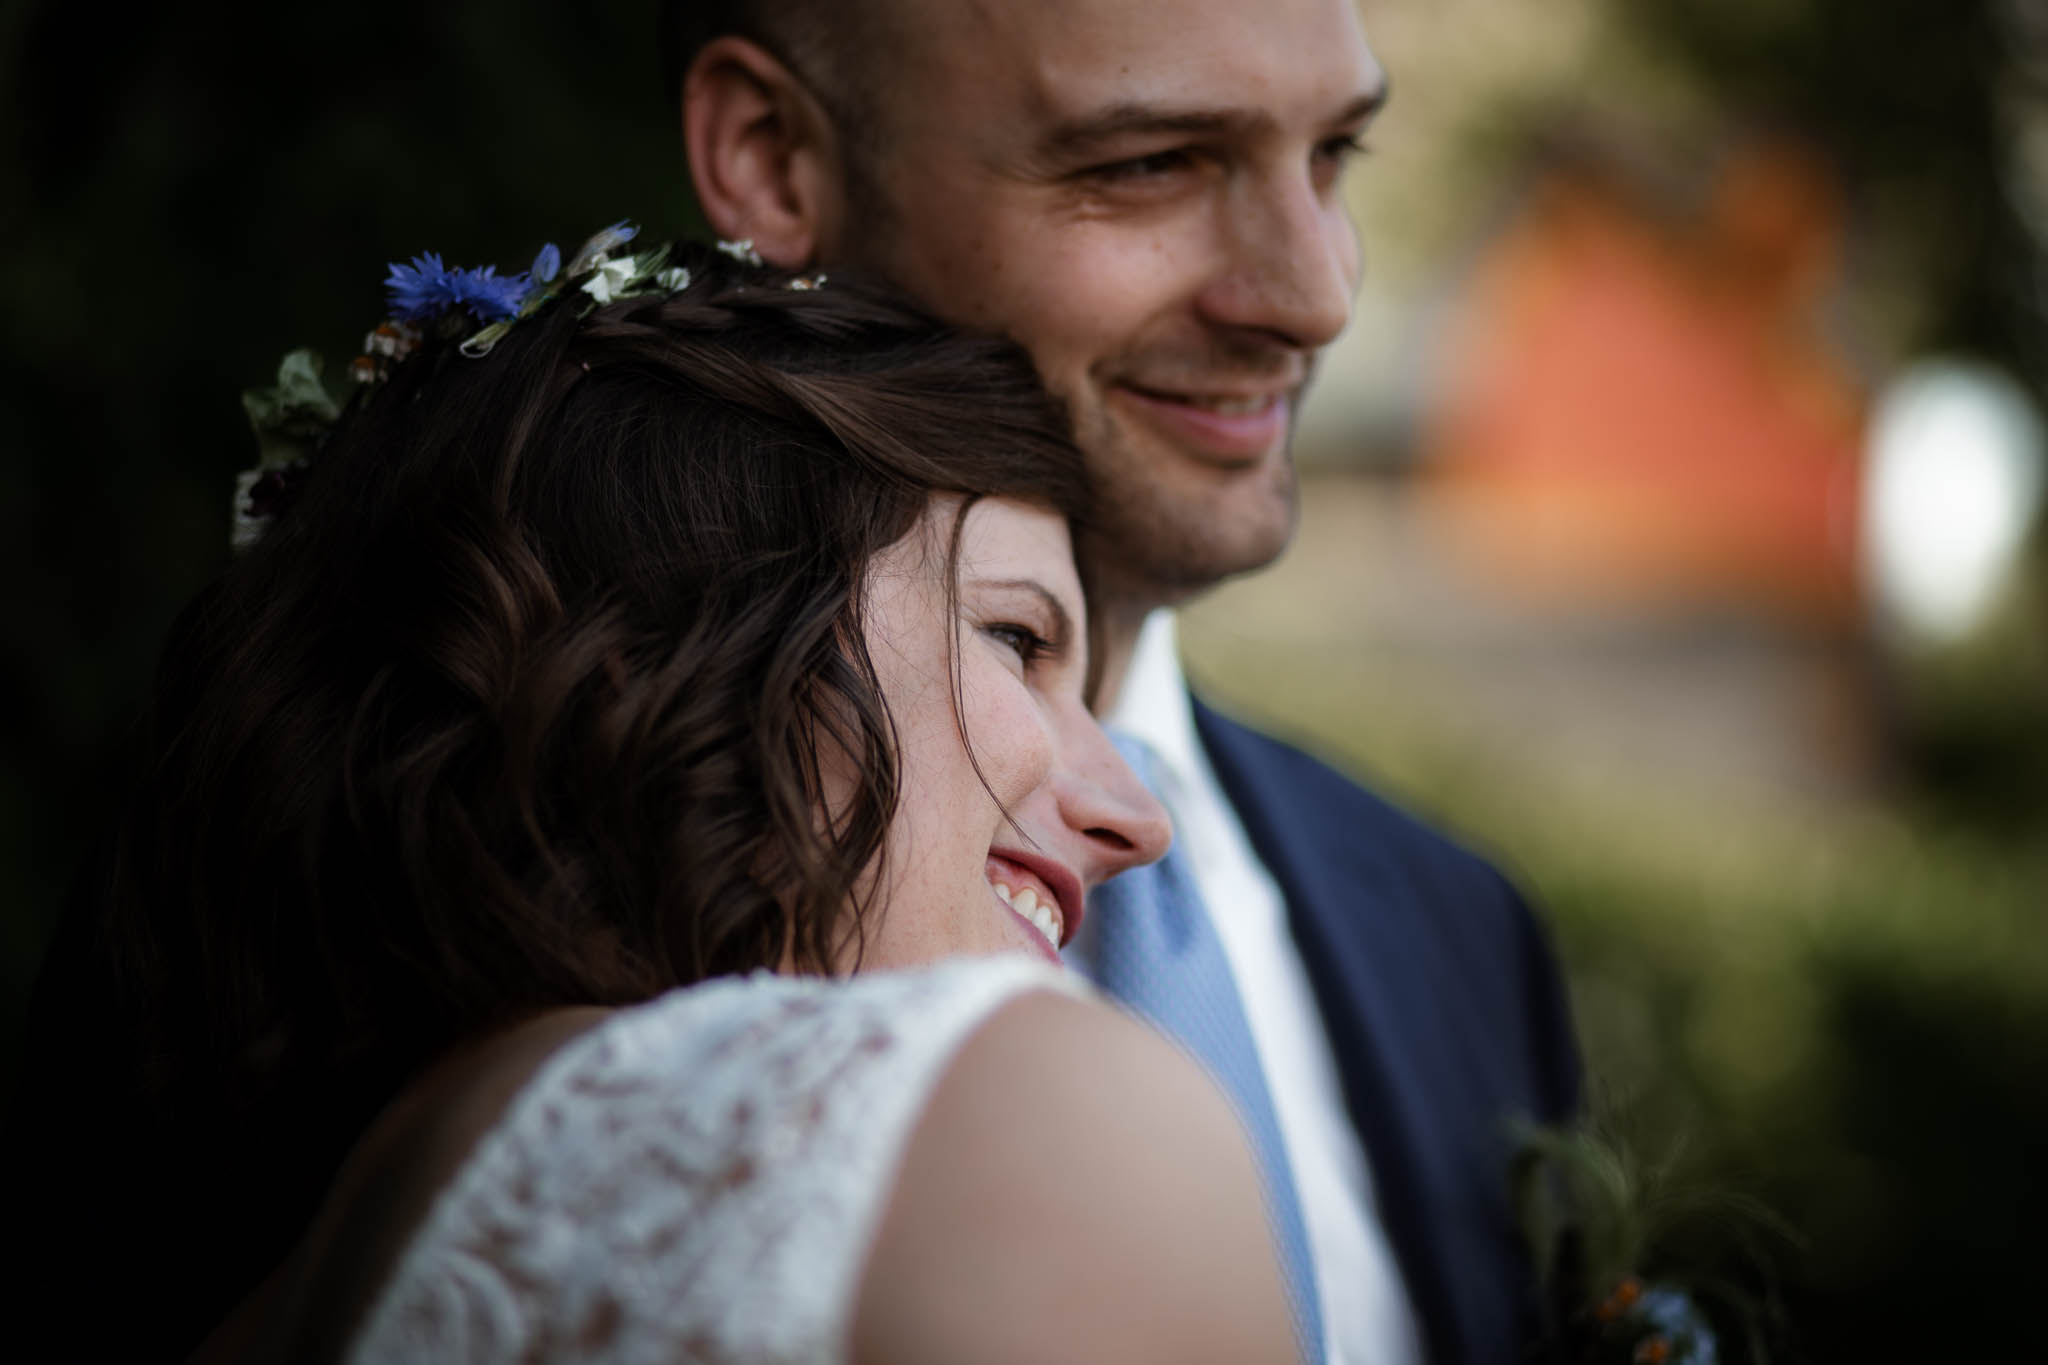 Hochzeitsfotograf Guntersblum, Domhof - Hochzeit von Ina & Johannes 50